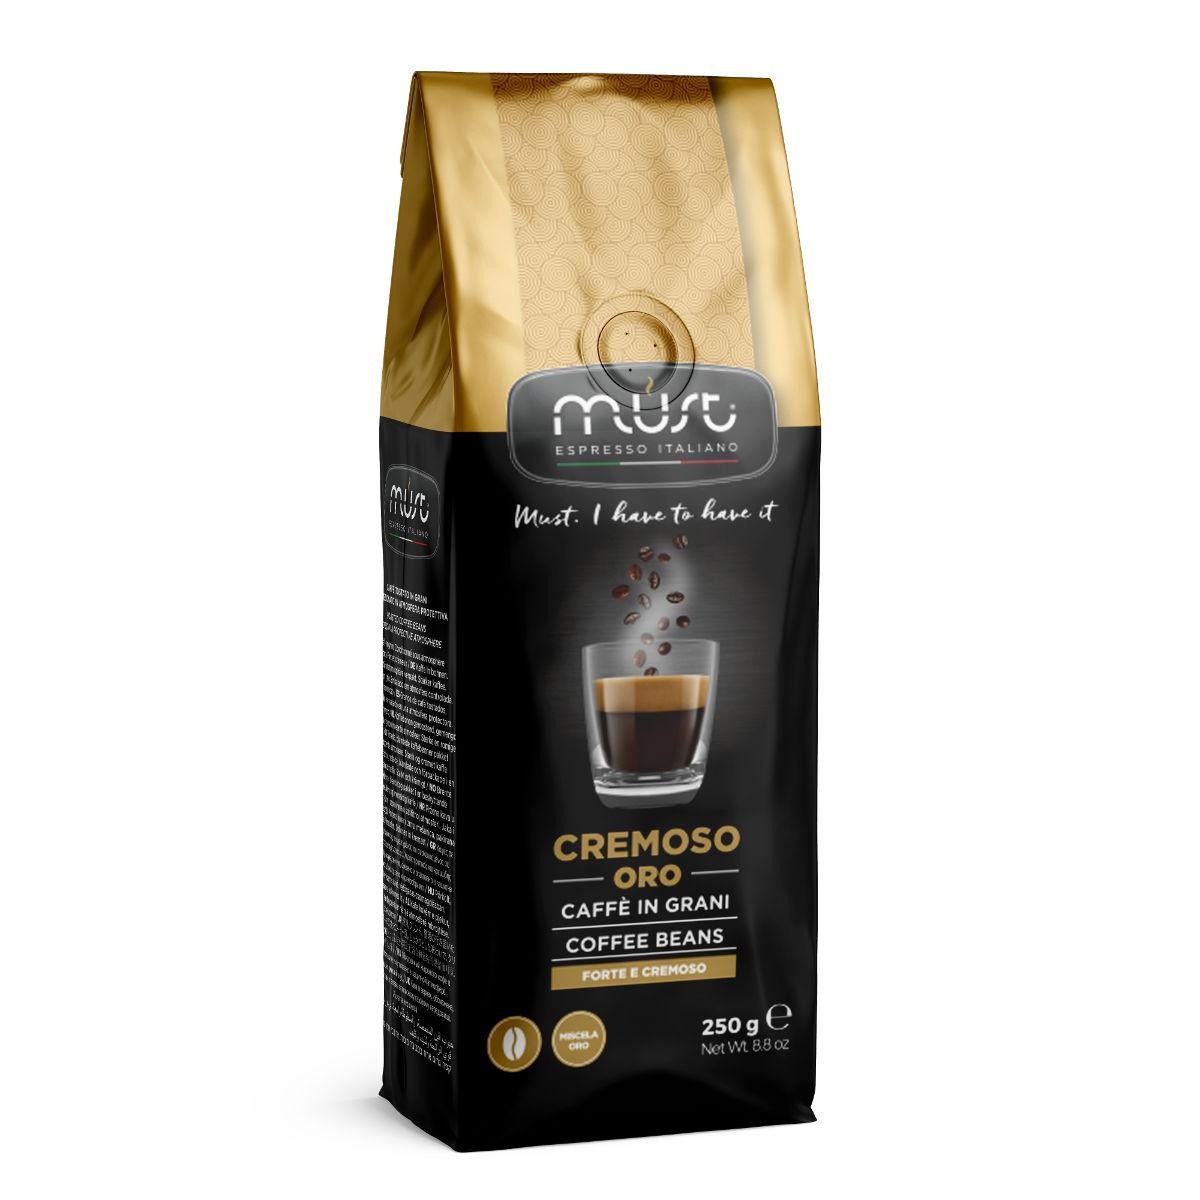 Кофе в зернах Must cremoso oro 250 г